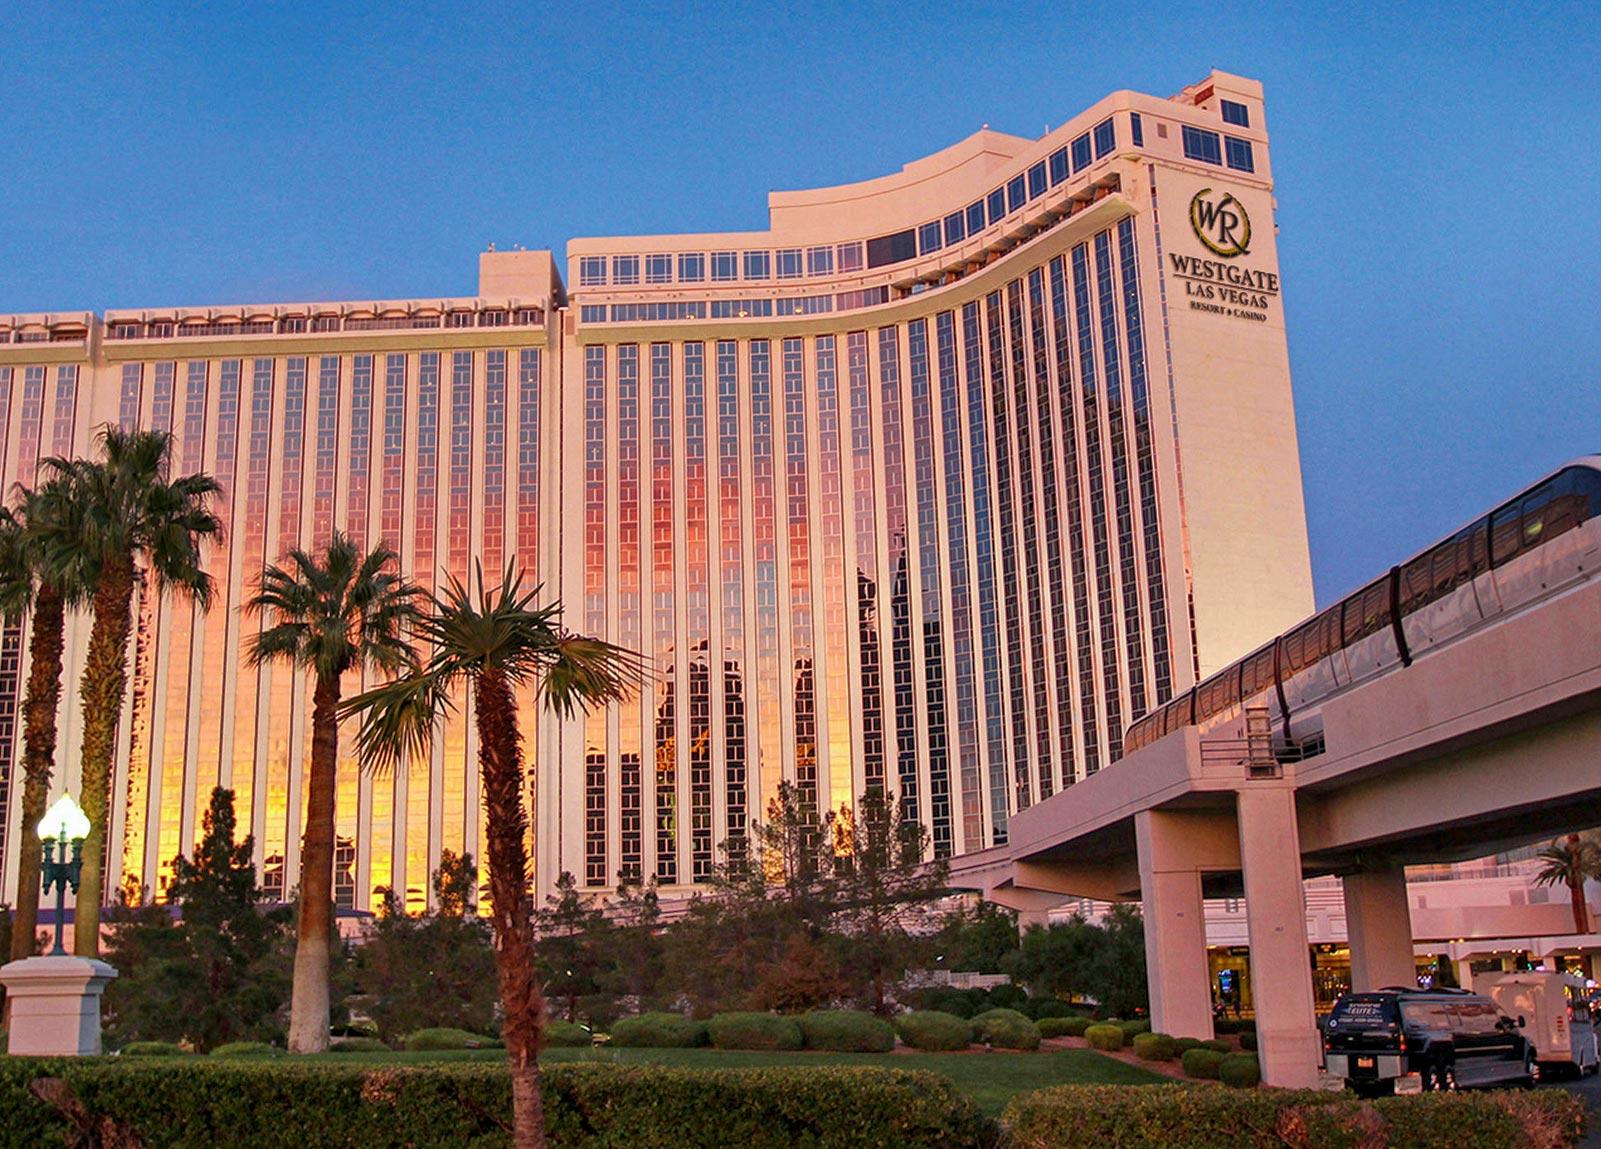 westgate casino in las vegas